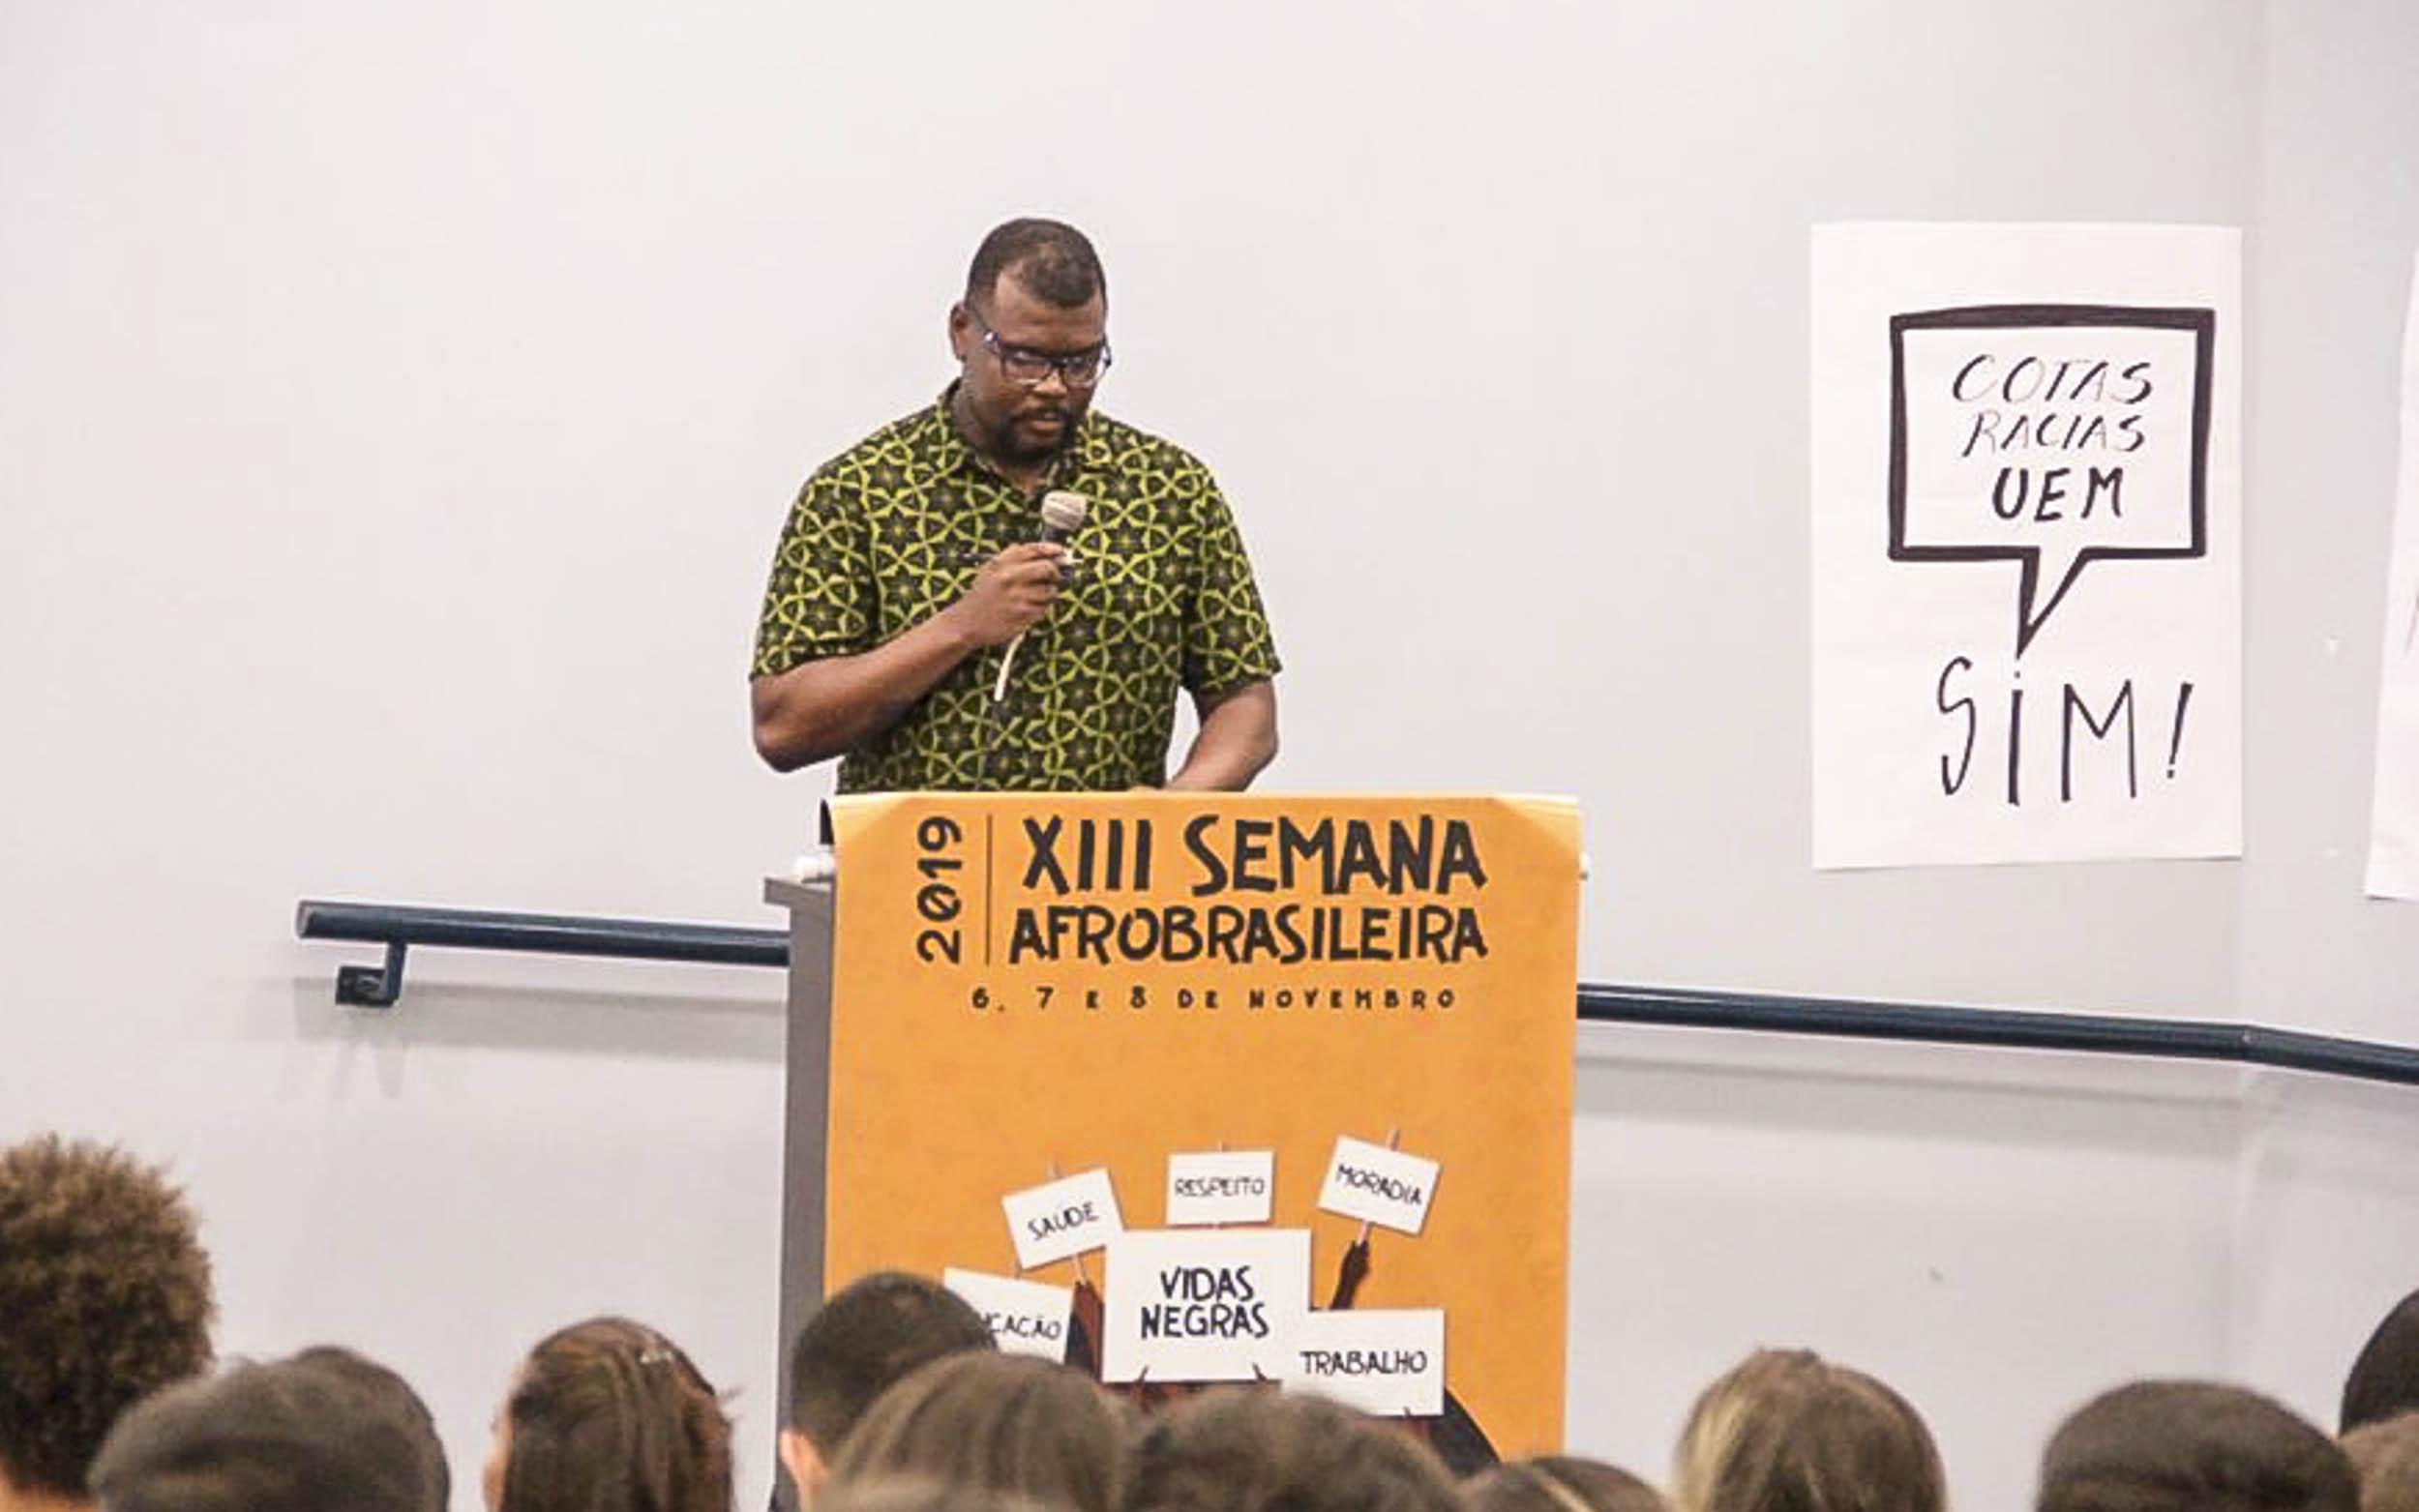 """Semana Afro-brasileira, com o tema """"Vidas Negras"""" reuniu mais de 500 pessoas"""